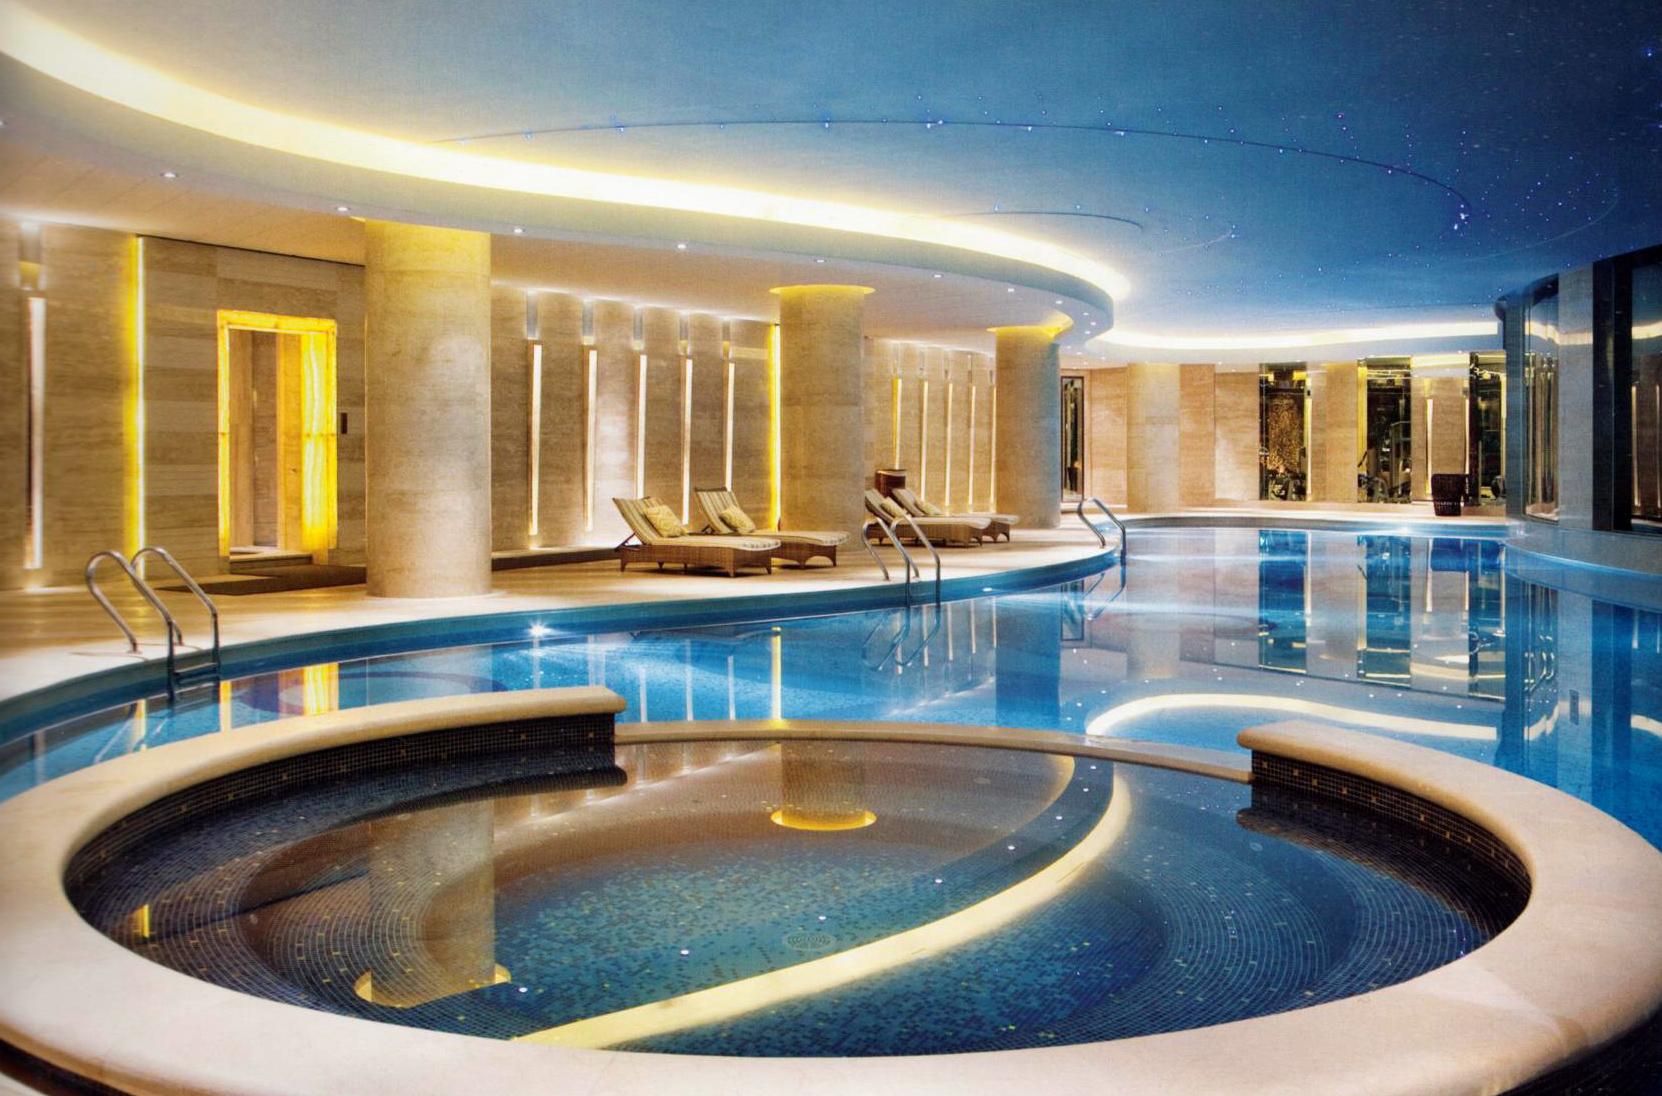 杭州千岛湖滨江希尔顿度假洗浴中心设计效果图